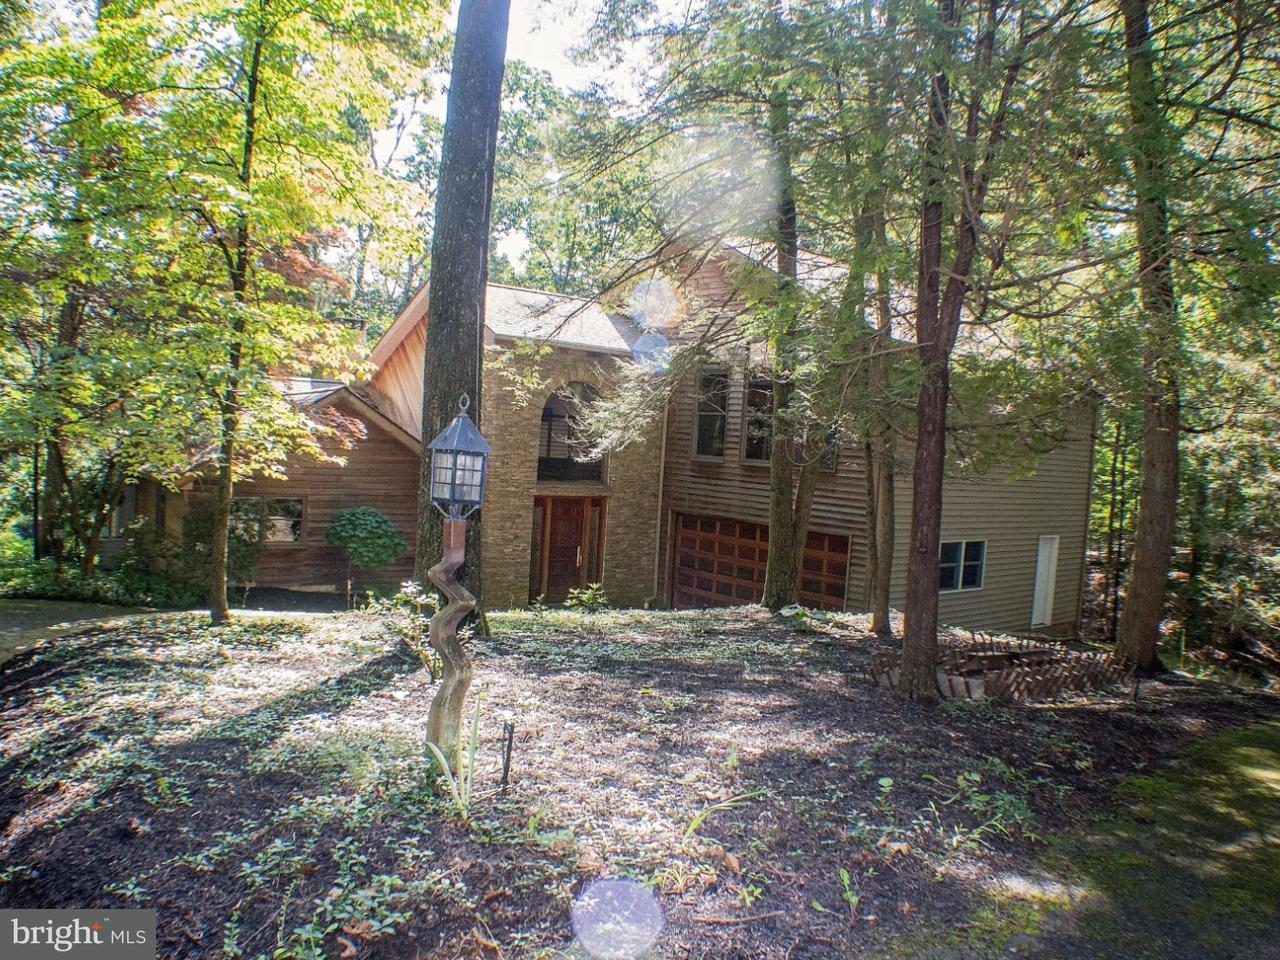 Частный односемейный дом для того Продажа на 407 SALFORD STATION Road Perkiomenville, Пенсильвания 18074 Соединенные Штаты